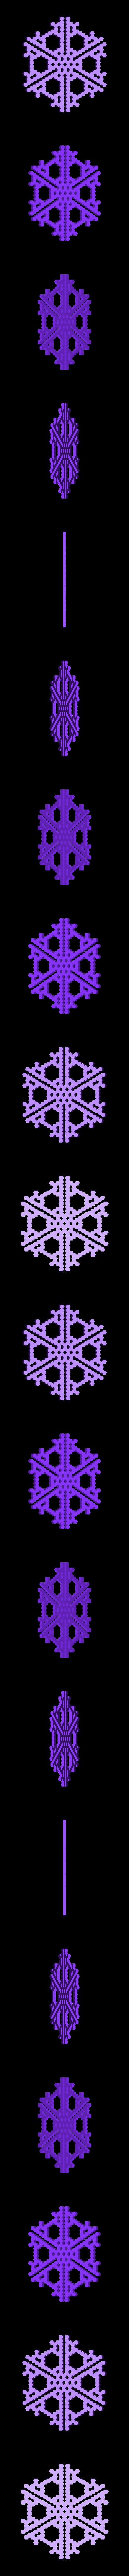 hex18-half.stl Télécharger fichier STL gratuit Automate cellulaire BlocsGénérateur de flocons de neige CAO • Design imprimable en 3D, arpruss